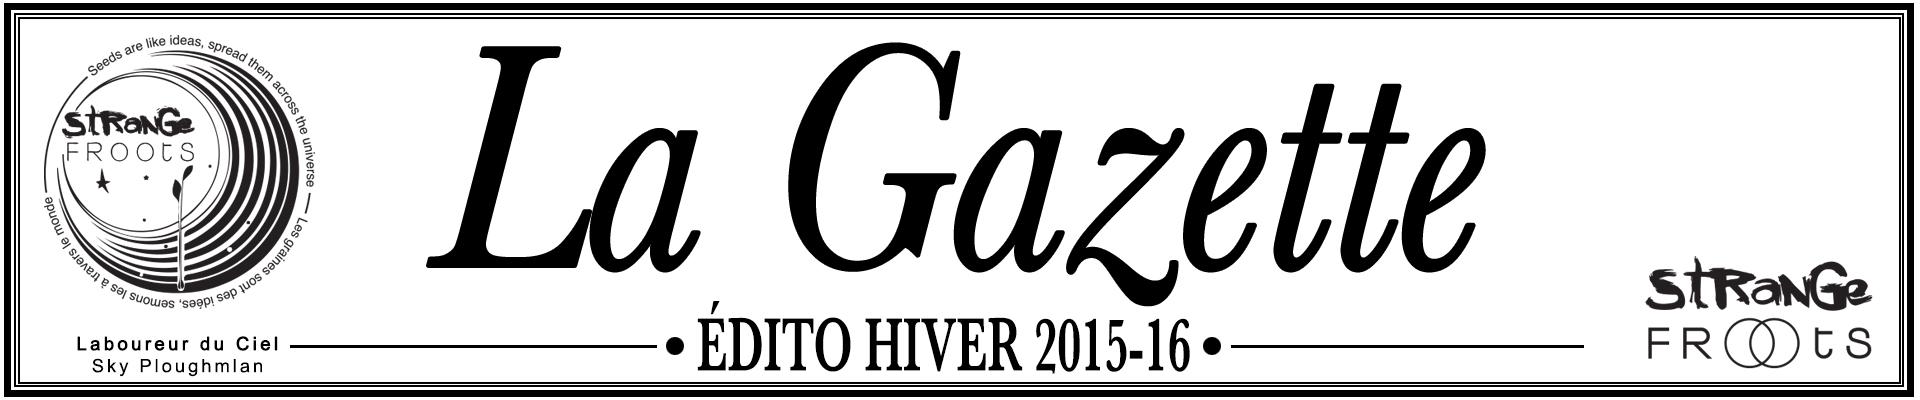 La-gazette-hiver-15-16